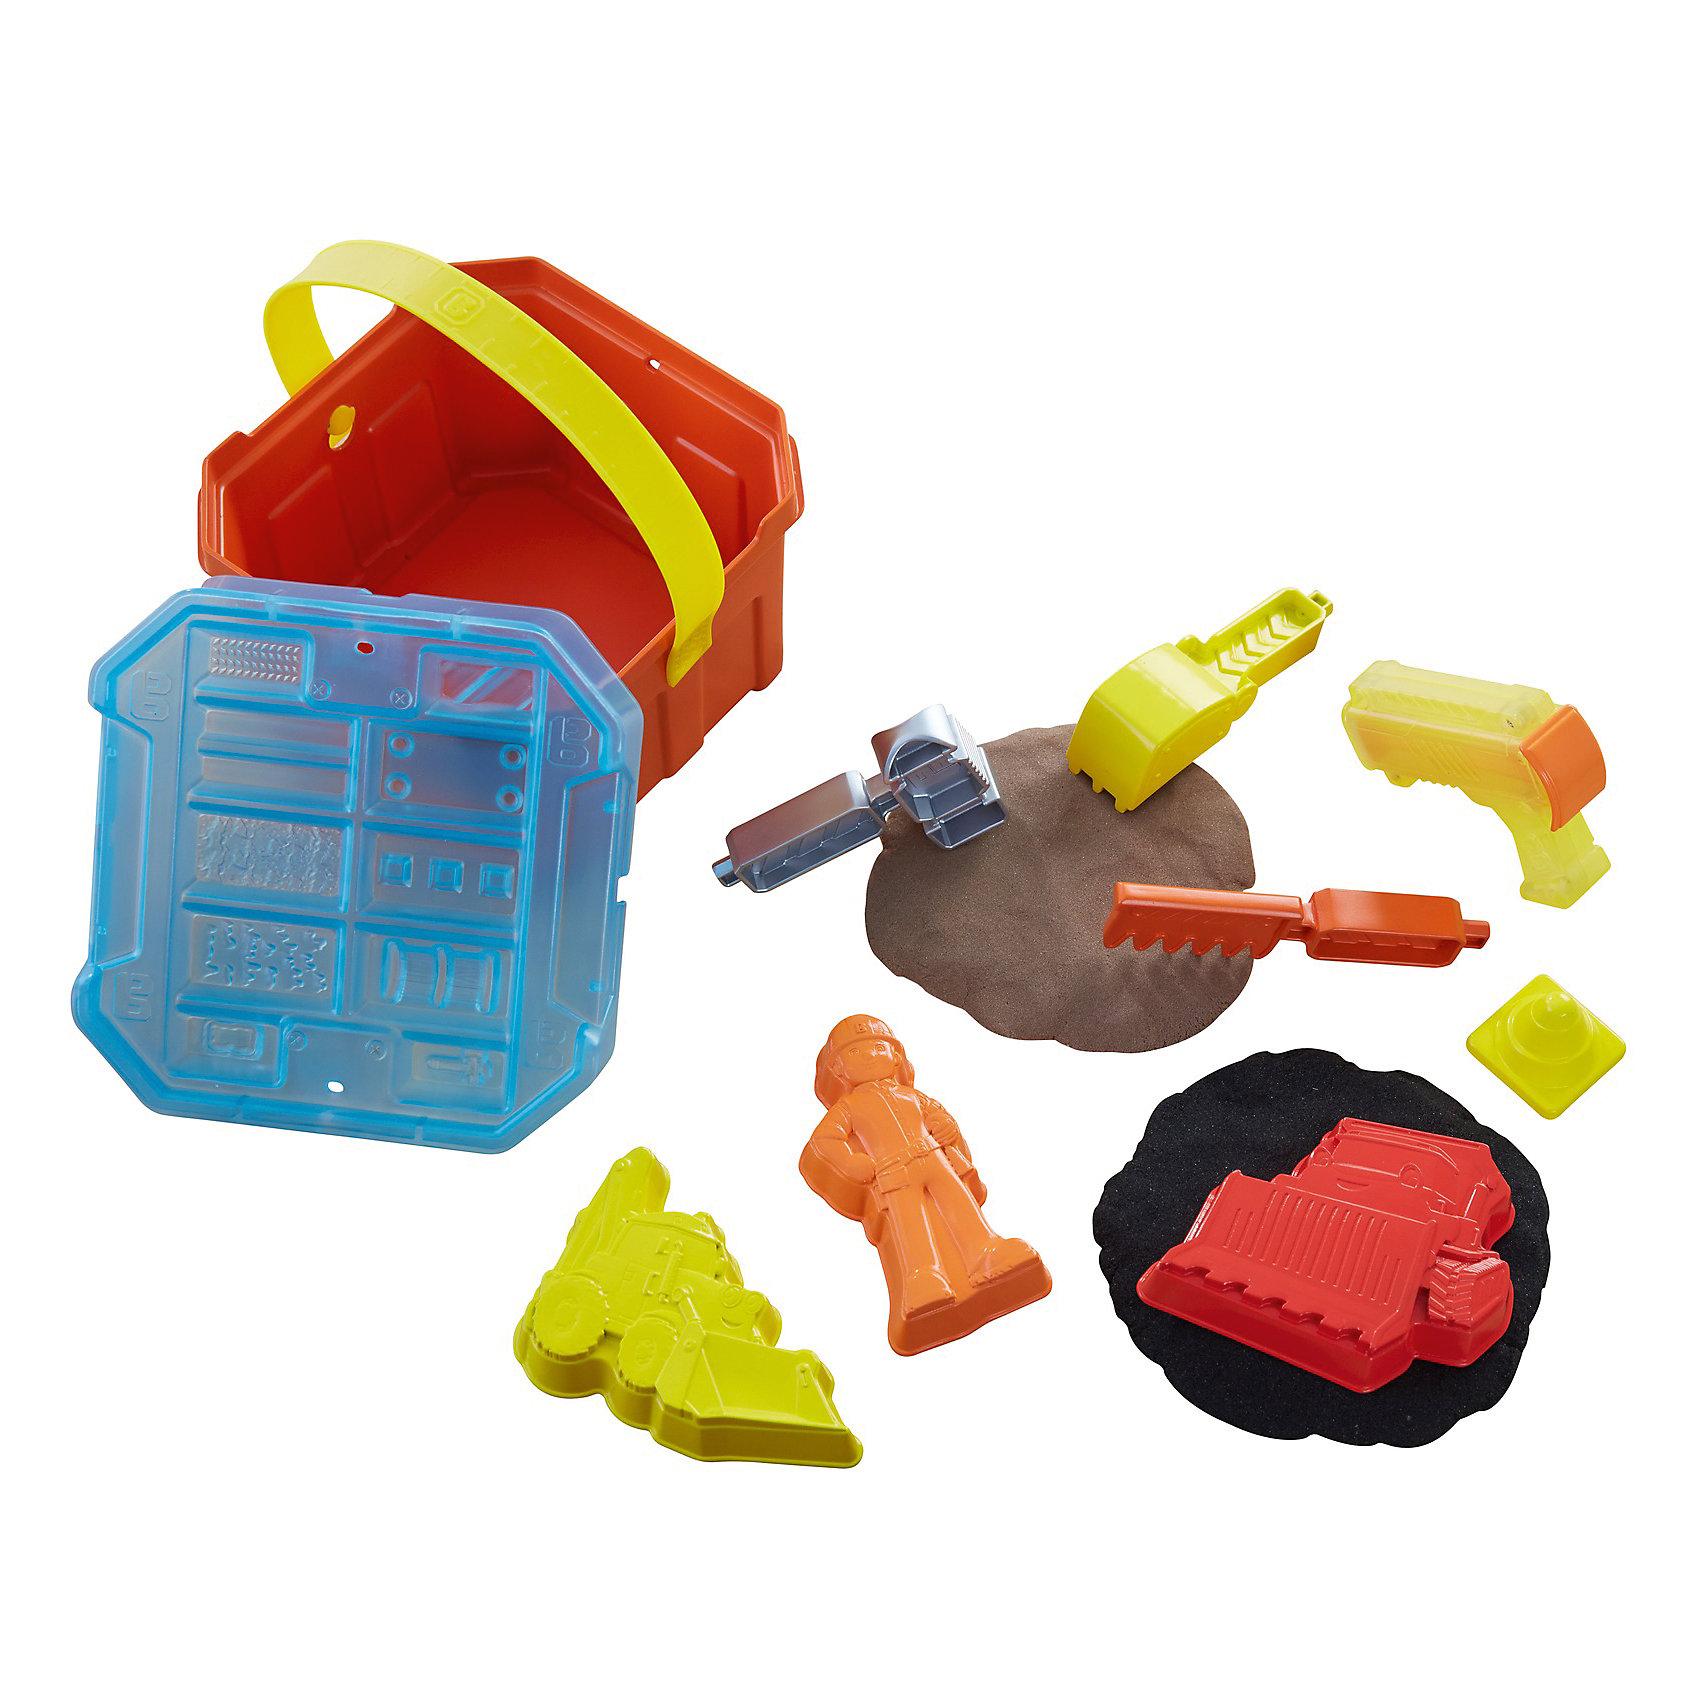 Игровой набор Fisher-Price Боб-строитель Контейнер для строительства и песокИгрушки для песочницы<br>Характеристики товара:<br><br>• возраст: от 3 лет<br>• материал: пластик;<br>• пластилин: 2 баночки по 141гр.<br>• размер упаковки: 11,5X15X15 см;<br>• страна бренда: США<br>• страна изготовоитель: Китай<br><br>Ящичек «Смешивай и лепи» позволит почувствовать себя настоящими строителями. С помощью песка «Смешивай и лепи» в двух цветах дети смогут лепить кирпичи и строить из них стены, скрепляя их песком другого цвета. <br><br>В этом деле им помогут Боб-строитель™, Скуп и Мак: для каждого персонажа предусмотрена своя формочка с тщательно проработанными деталями. <br><br>В комплект также входят четыре различных инструмента для лепки. Отдельно стоит отметить экструдер: он формирует из песка блоки, из которых легко построить что угодно!<br><br>Игровой набор Fisher-Price Боб-строитель Контейнер для строительства и песок можно купить в нашем интернет-магазине.<br><br>Ширина мм: 152<br>Глубина мм: 154<br>Высота мм: 116<br>Вес г: 654<br>Возраст от месяцев: 36<br>Возраст до месяцев: 72<br>Пол: Мужской<br>Возраст: Детский<br>SKU: 6682476